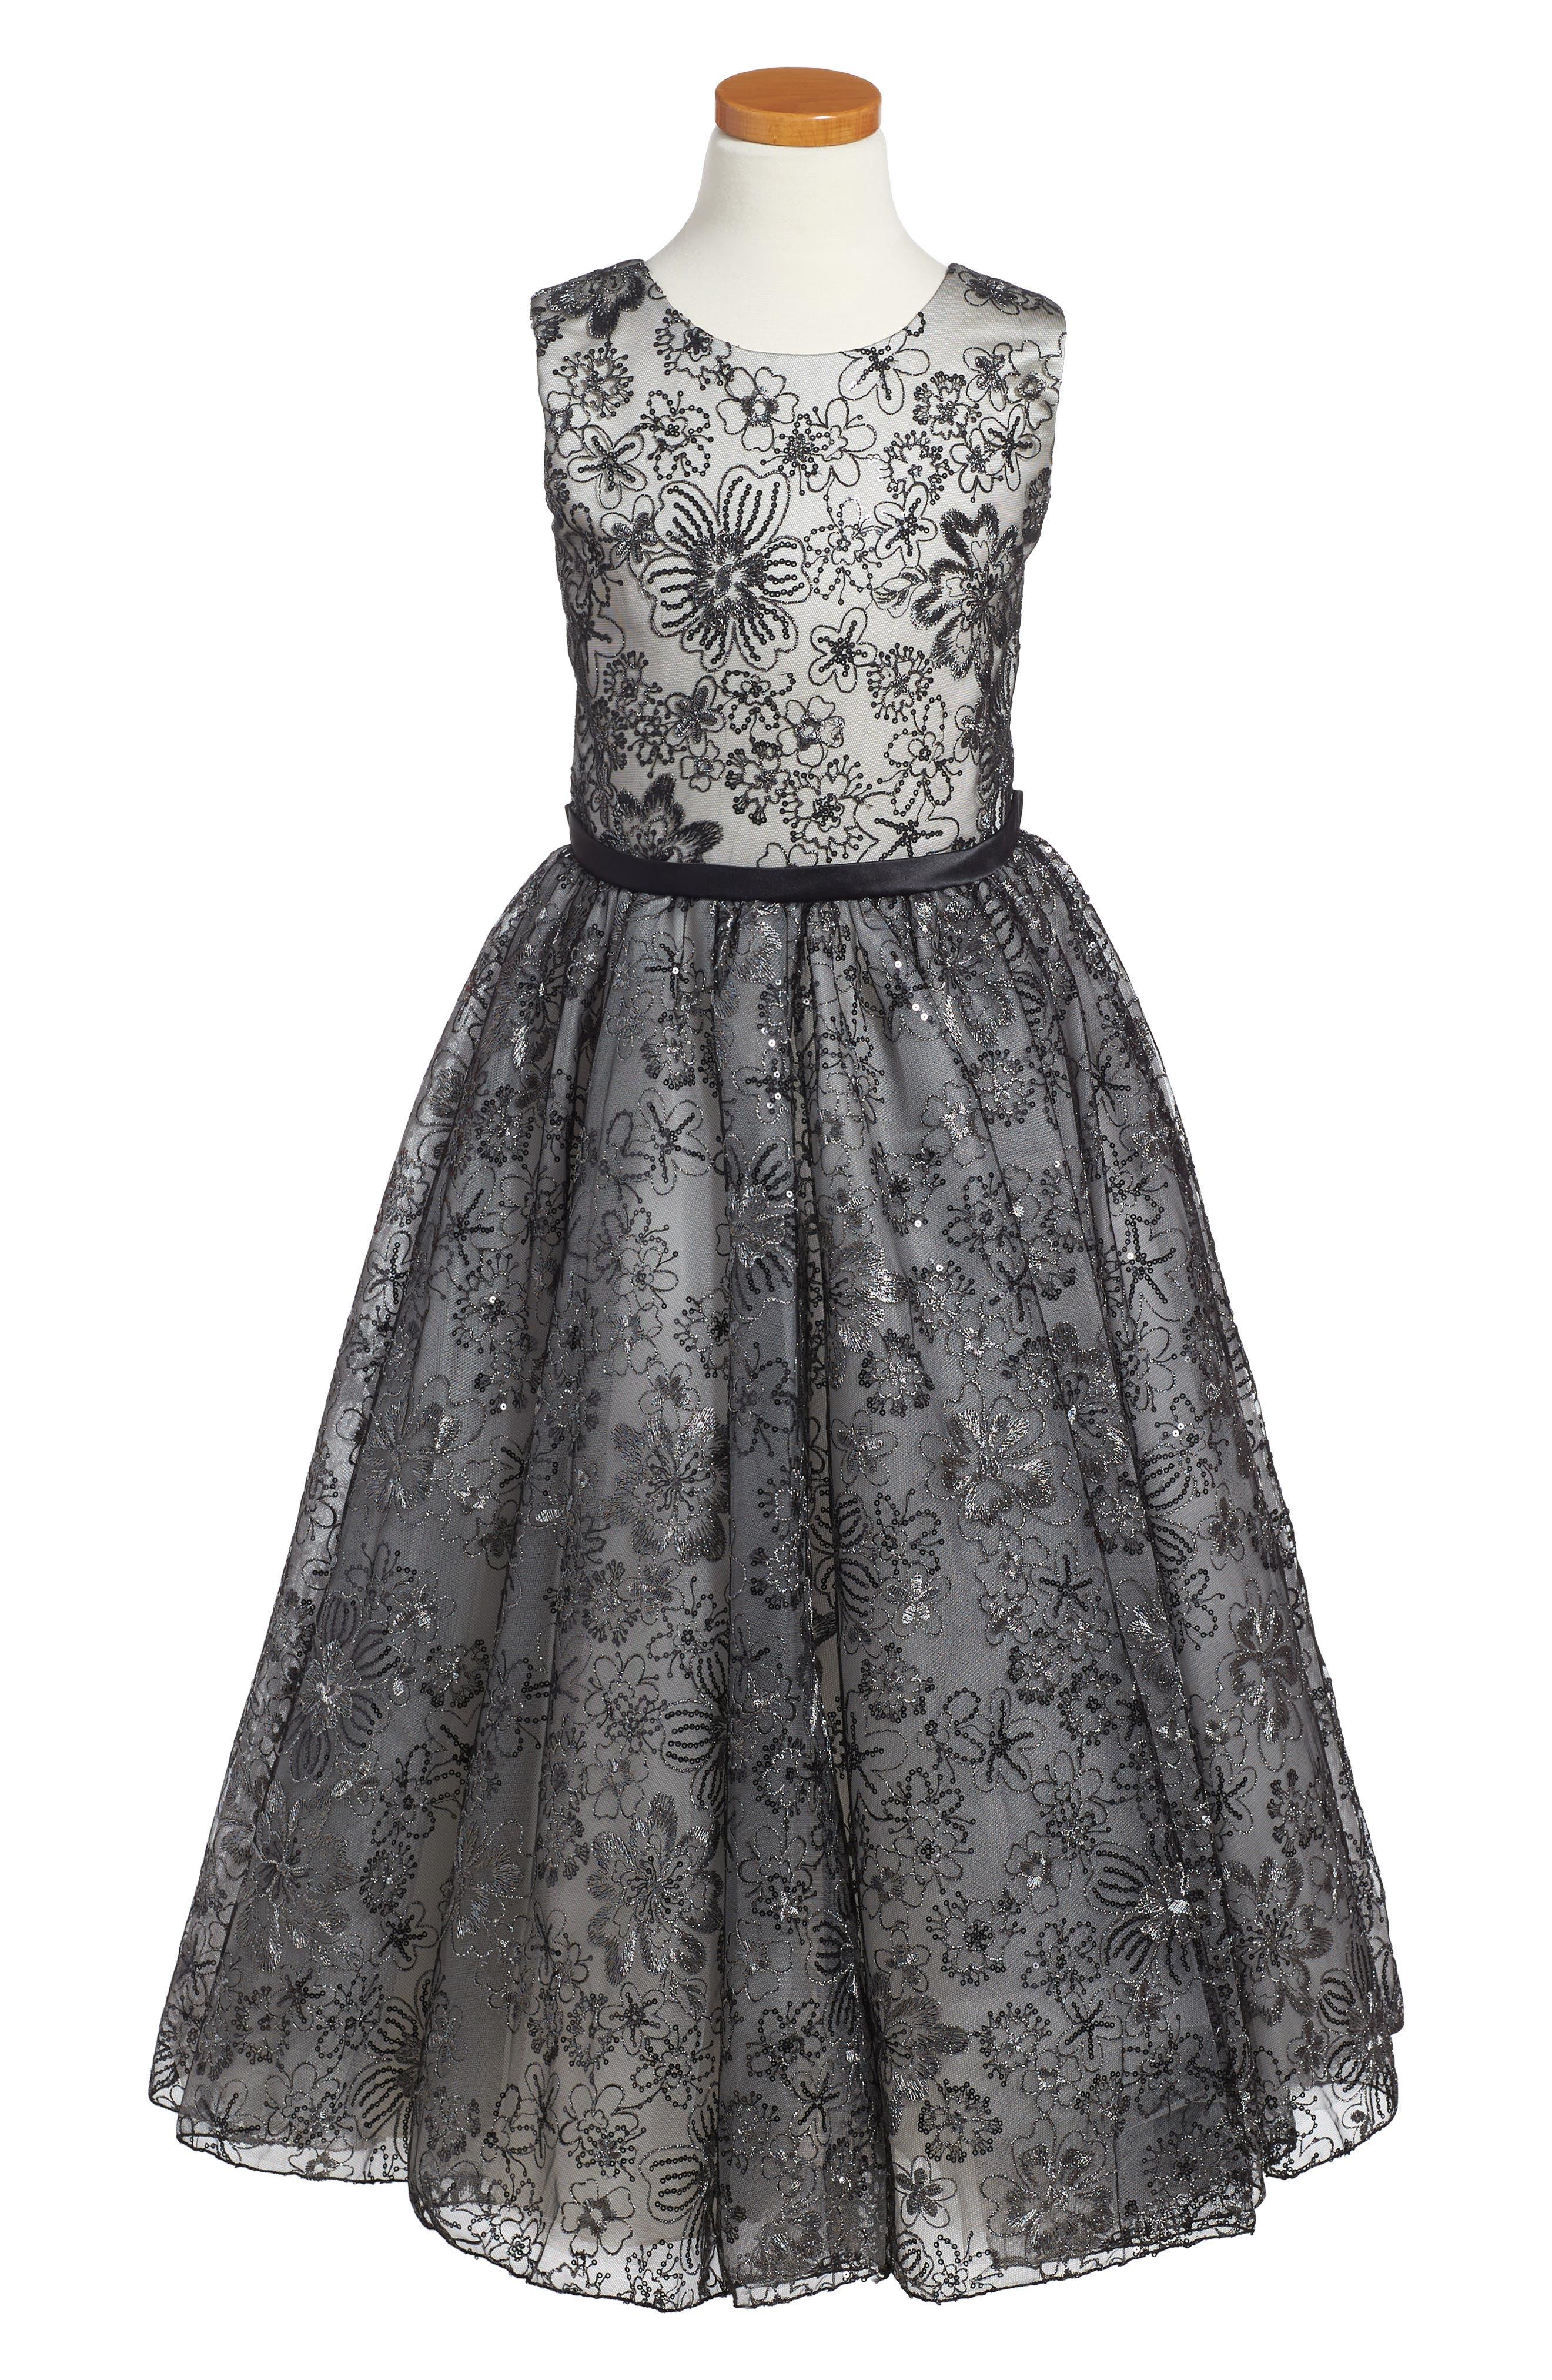 Sequin & Lace Dress,                             Main thumbnail 1, color,                             001